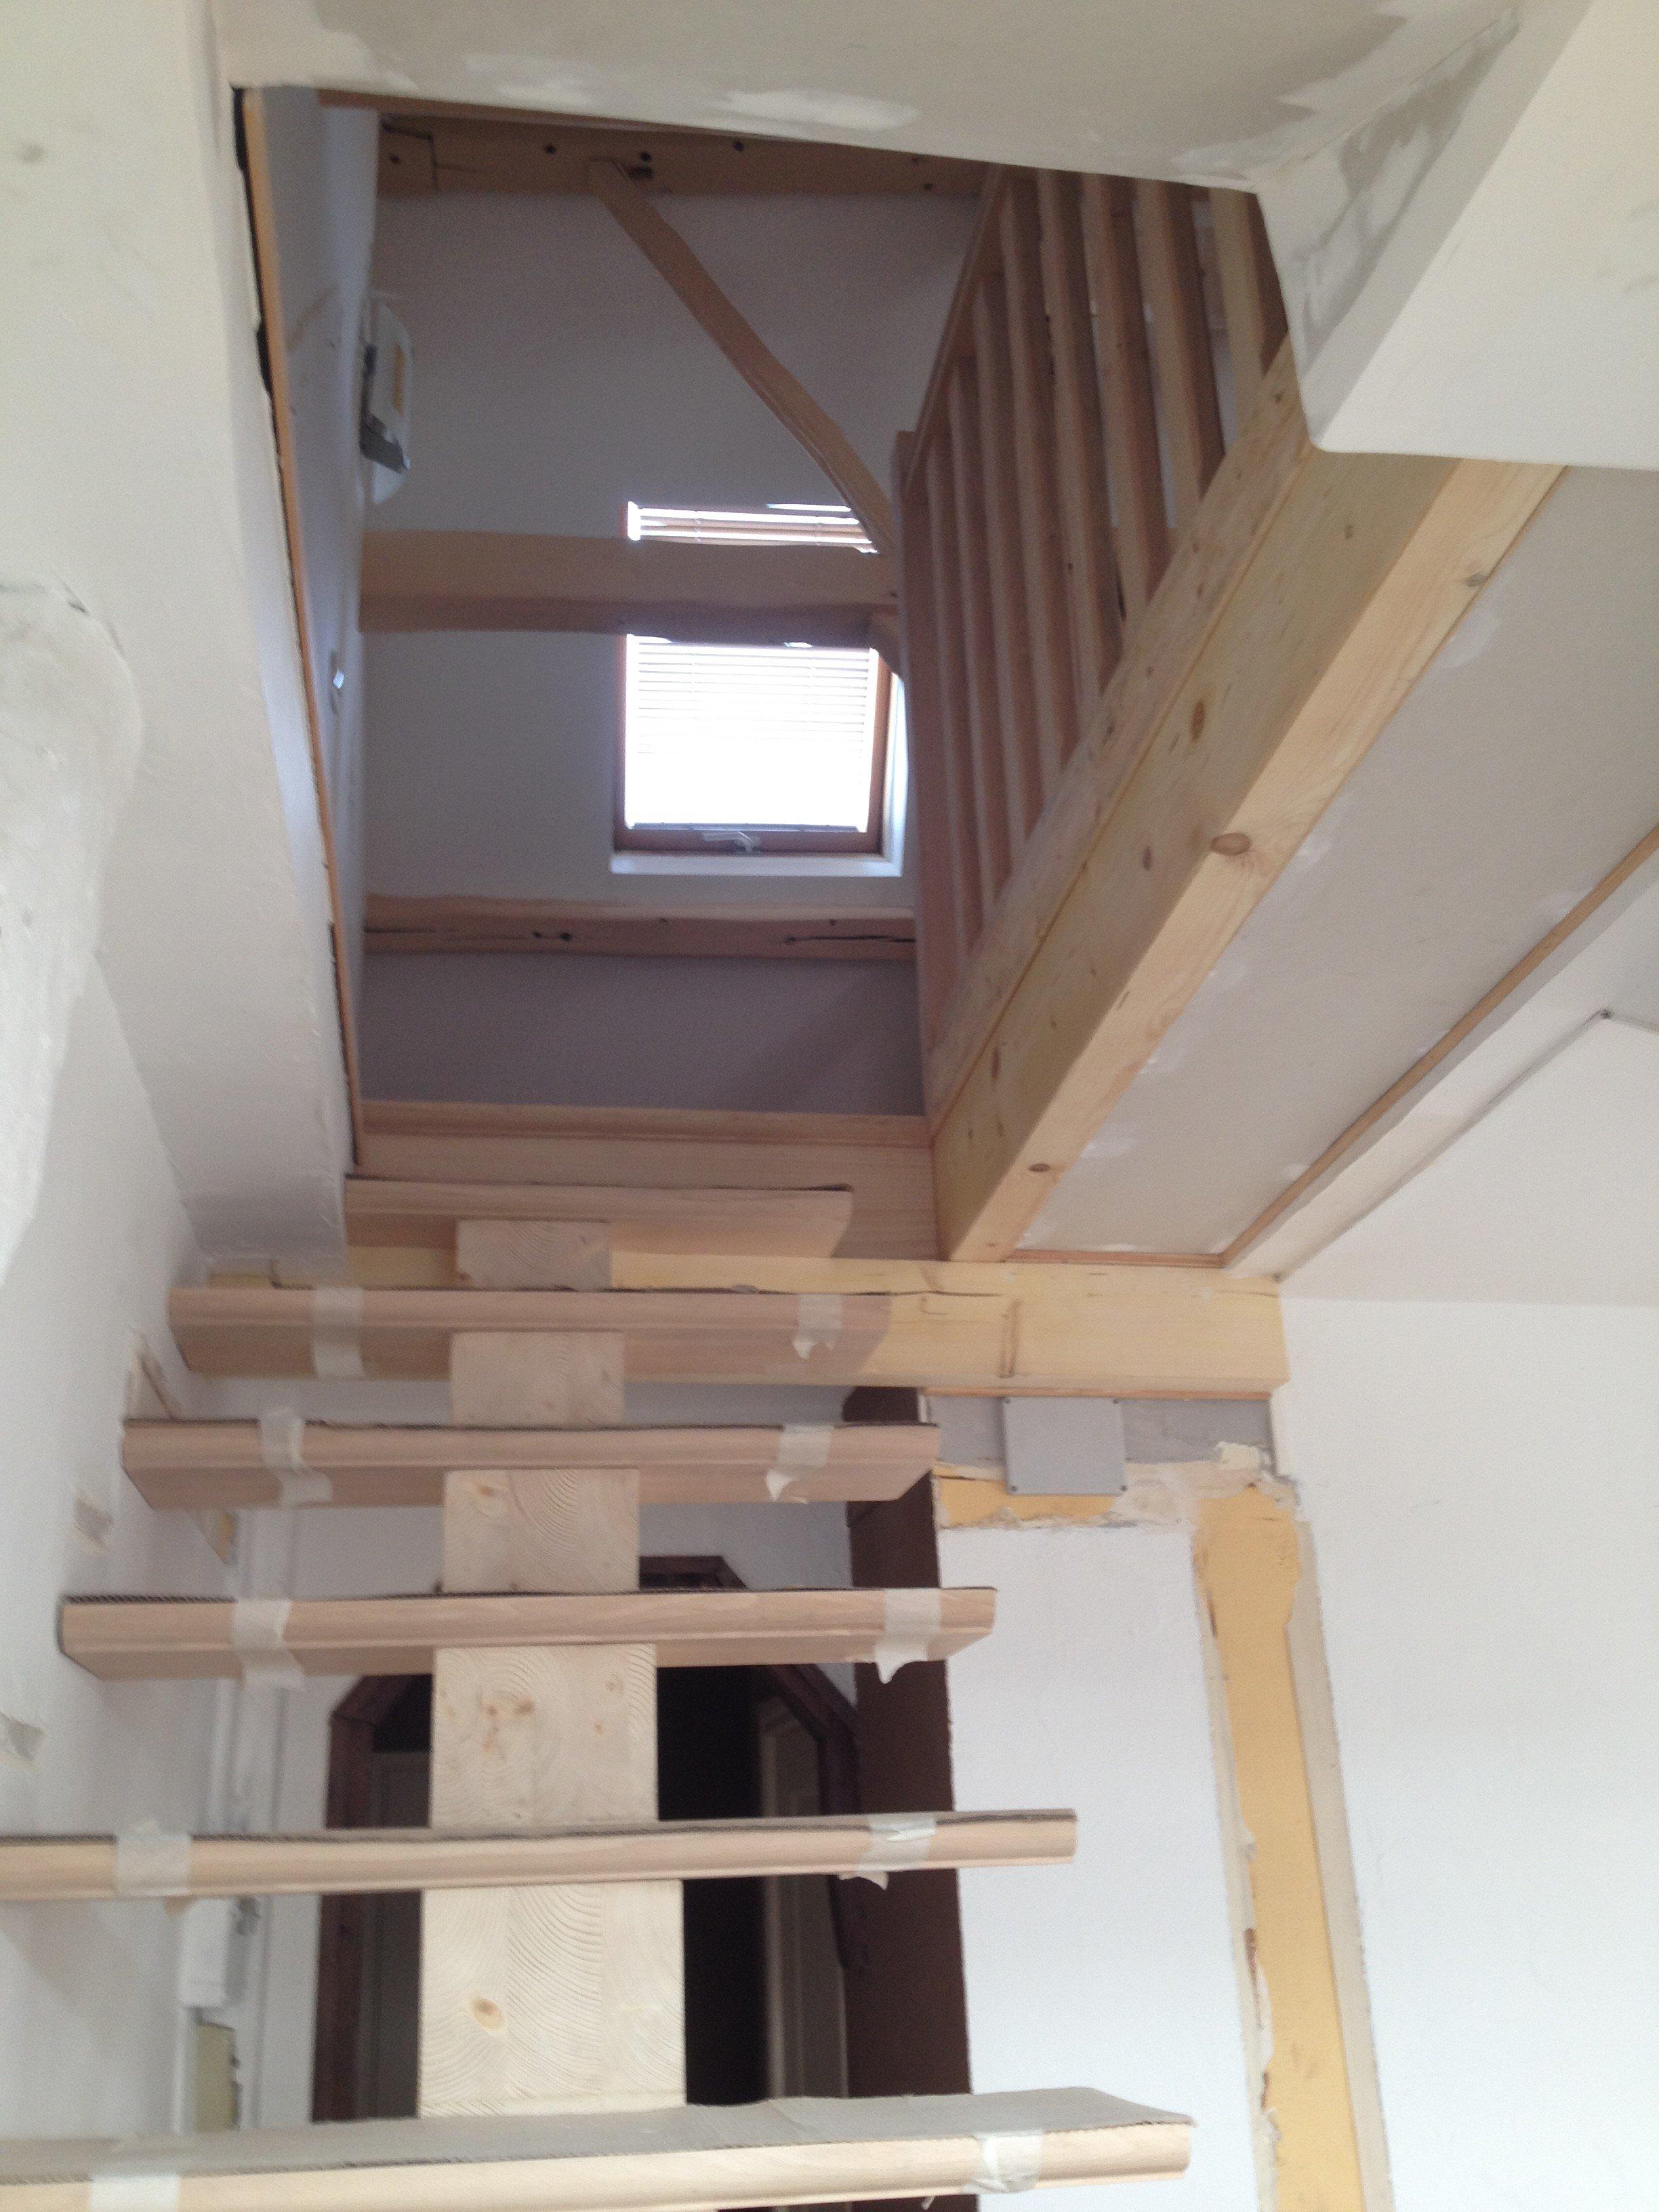 Escalier Droit Sans Rampe dedans escalier - sarl beauné lamouret